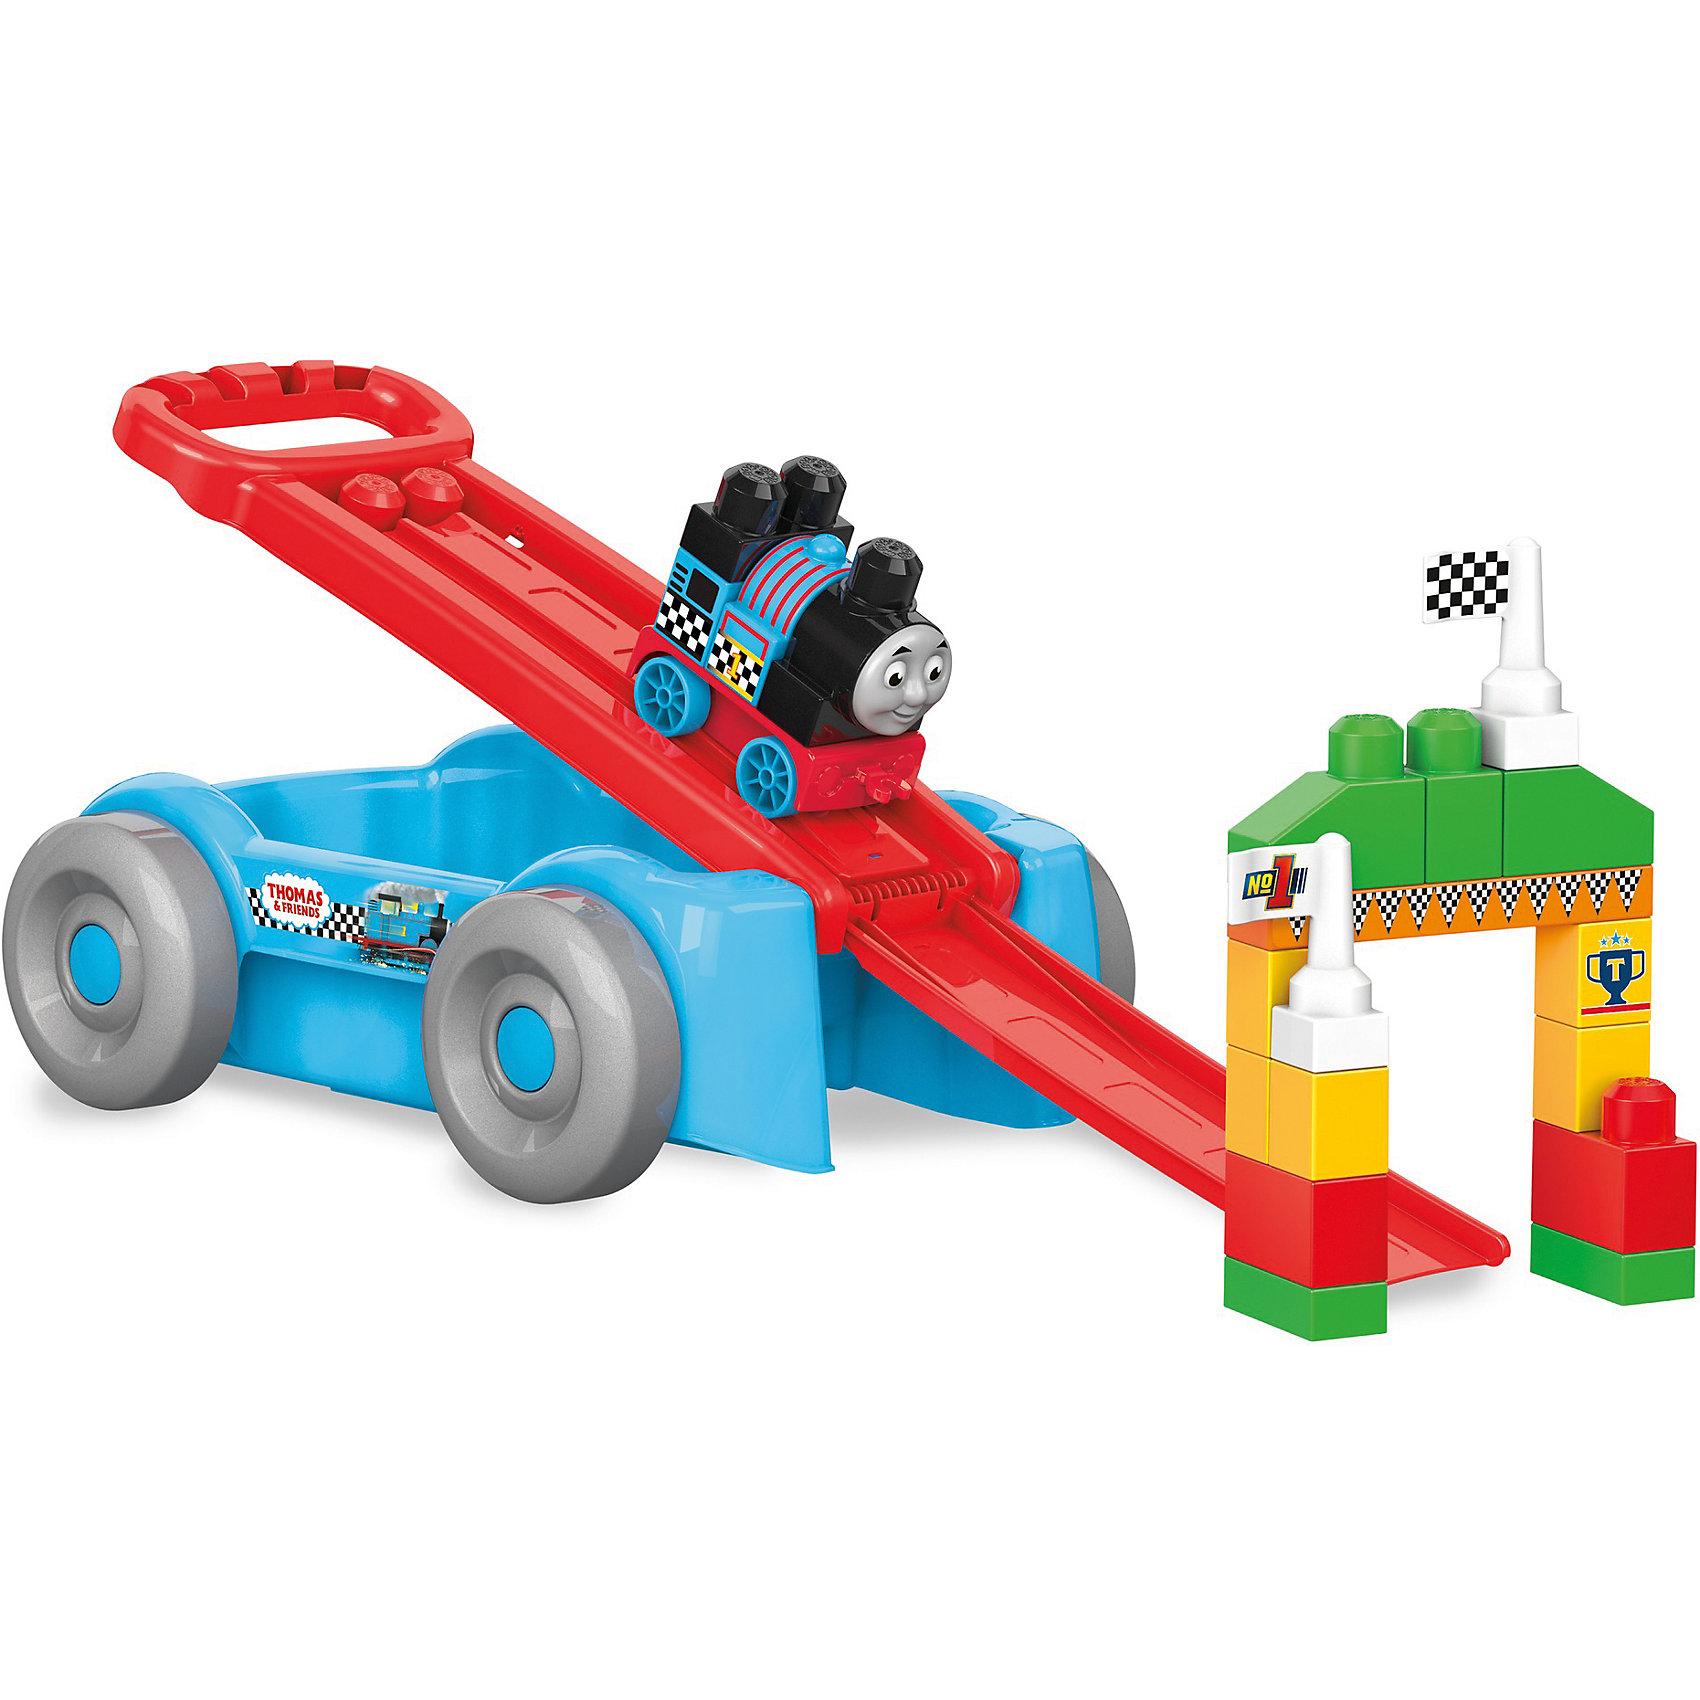 Томас и друзья: вагончик - трансформер, MEGA BLOKSПластмассовые конструкторы<br>Томас и друзья: вагончик - трансформер, MEGA BLOKS (МЕГА БЛОКС).<br><br>Характеристики:<br><br>• Количество деталей: 21<br>• Материал: пластик<br>• Размер вагончика: 46х28,5х14 см.<br>• Размер упаковки: 45х32х16 см.<br><br>Устраивайте железнодорожные гонки везде, где захотите! Конструктор Mega Bloks создан специально для маленьких ручек малыша, этот классический вагон-каталка трансформируется в скоростной вагон, когда вы построите гоночную рампу для Томаса! Постройте гоночную арку и установите клетчатый флаг. Затем приготовьтесь к быстрым гонкам, прикрепив рампу к ручке вагона и установив Томаса на линии старта. <br><br>Поднимите ручку и отправьте Томаса сквозь арку к линии финиша. Используйте блоки для строительства прямо на вагоне! После игры блоки можно убрать в вагон для хранения! Все детали конструктора изготовлены из качественного пластика и полностью безопасны для детей.<br><br>Набор Томас и друзья: вагончик - трансформер, MEGA BLOKS (МЕГА БЛОКС) можно купить в нашем интернет-магазине.<br><br>Ширина мм: 470<br>Глубина мм: 135<br>Высота мм: 290<br>Вес г: 1256<br>Возраст от месяцев: 12<br>Возраст до месяцев: 60<br>Пол: Мужской<br>Возраст: Детский<br>SKU: 5378227